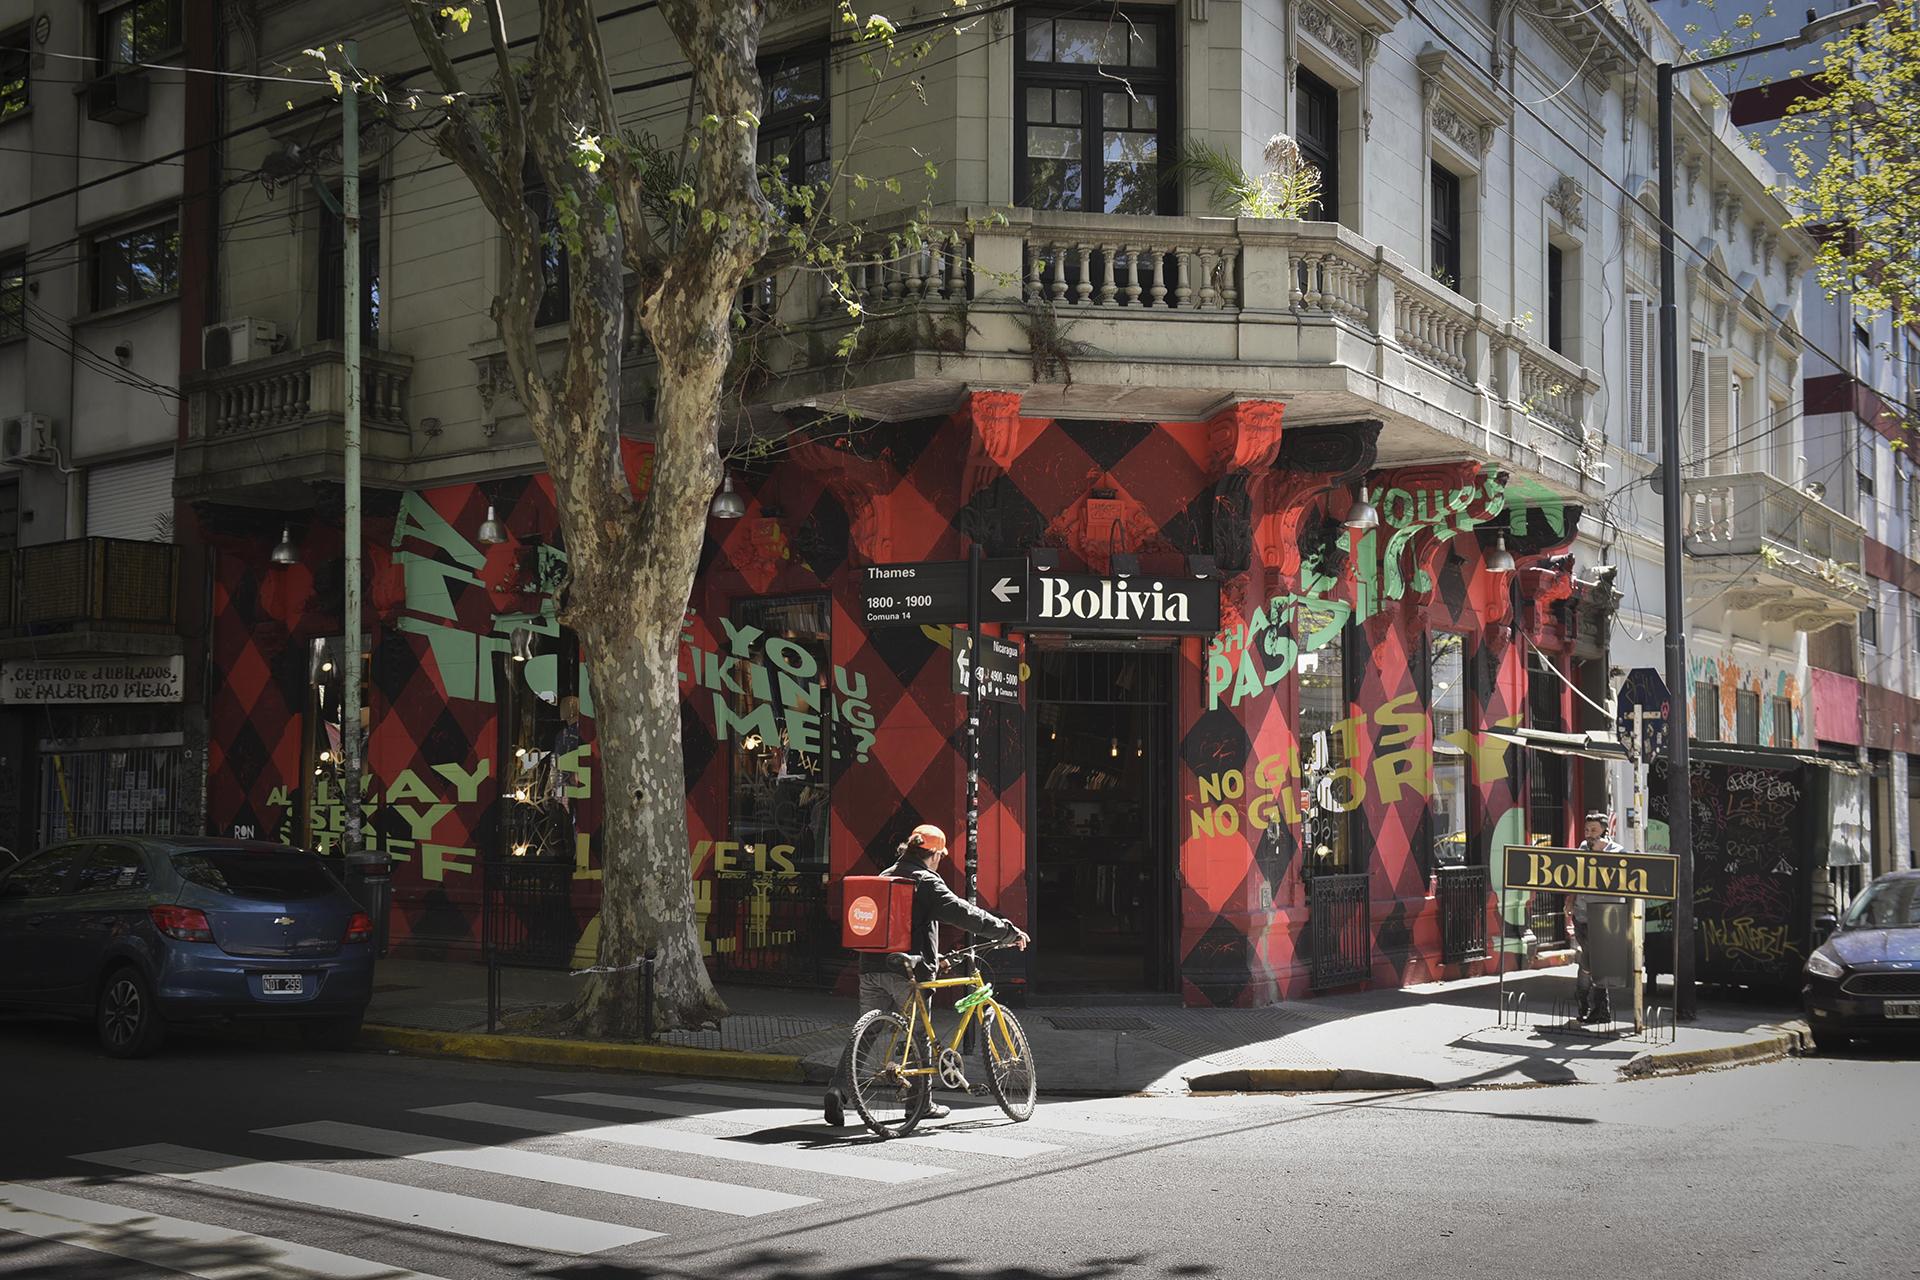 """Thames y Nicaragua, un local de indumentaria con frases existenciales como """"No guts, no glory"""" sobre una divertida combinación de colores cuadrillé, rojos y negros. El frente está pintado por el muralista Martín Ron"""